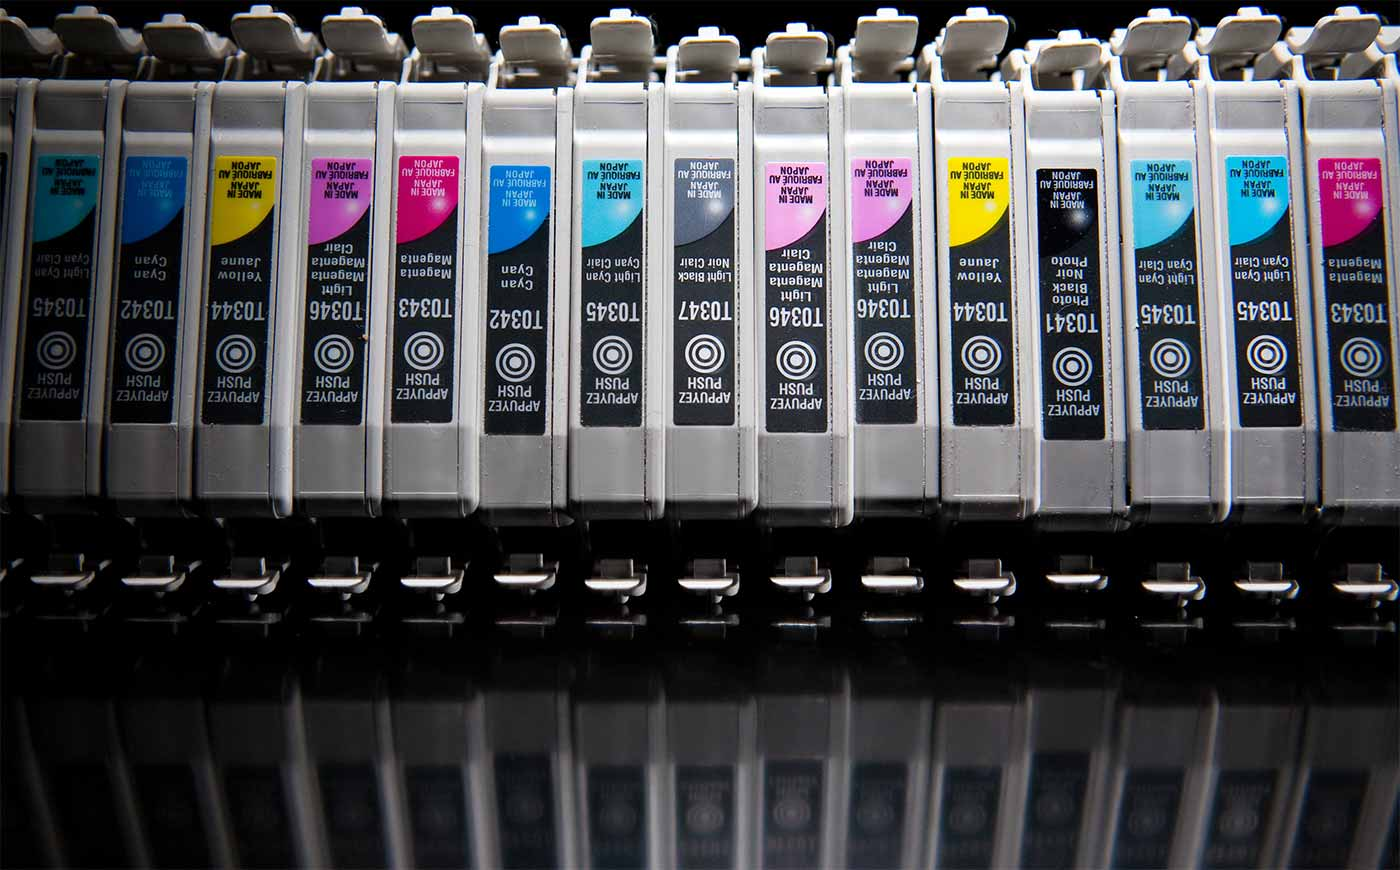 Used ink cartridges.